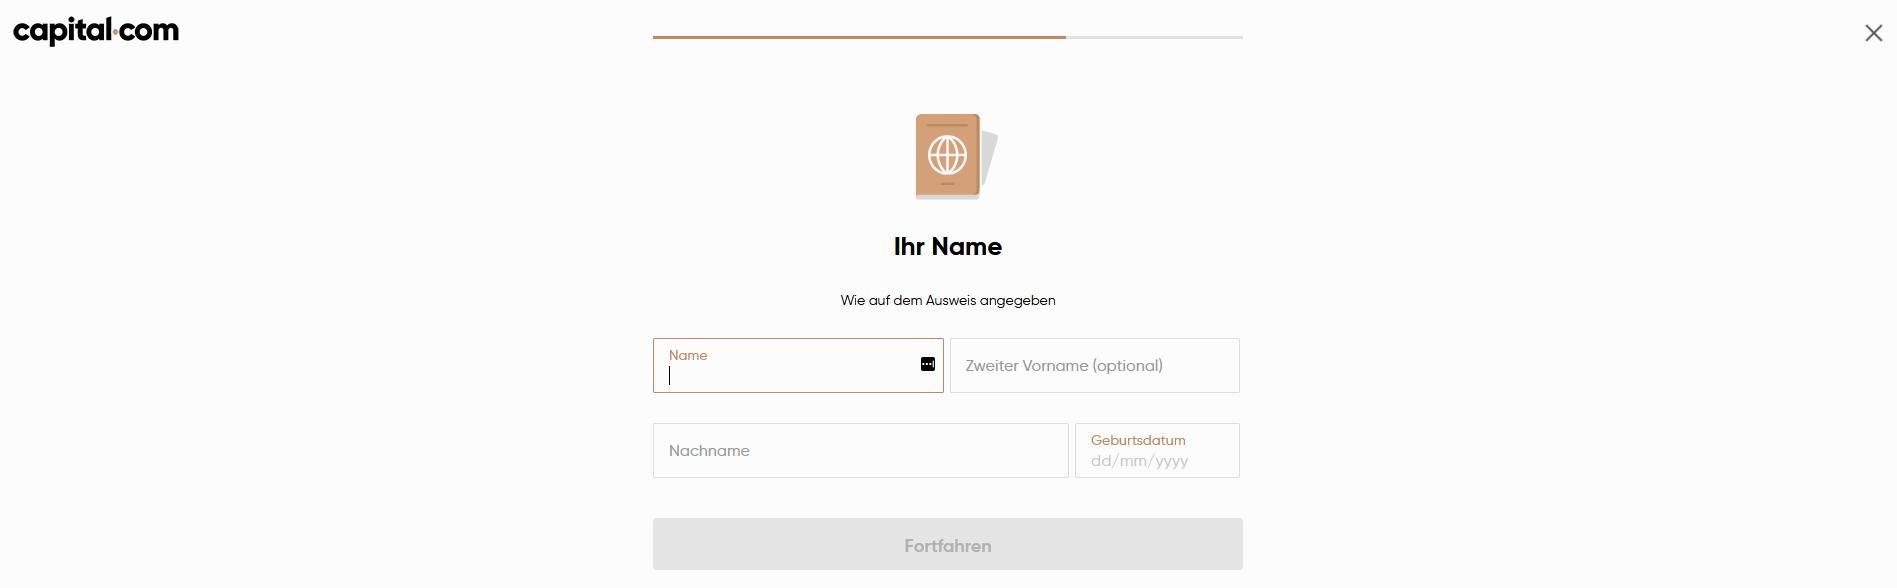 Capital.com Verifizierung